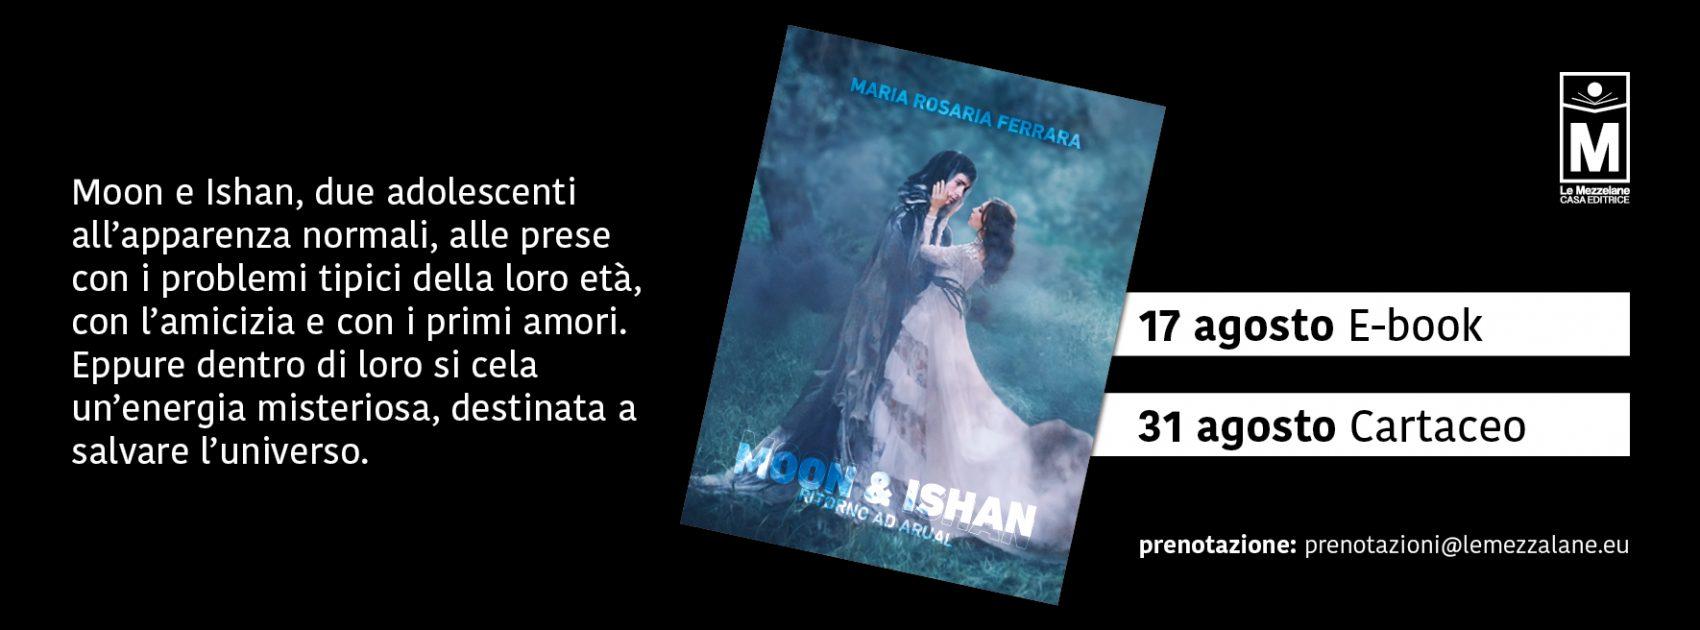 Moon e Ishan, due adolescenti all'apparenza normali, alle prese con i problemi tipici della loro età, con l'amicizia e con i primi amori. Eppure dentro di loro si cela un'energia misteriosa, destinata a salvare l'universo.